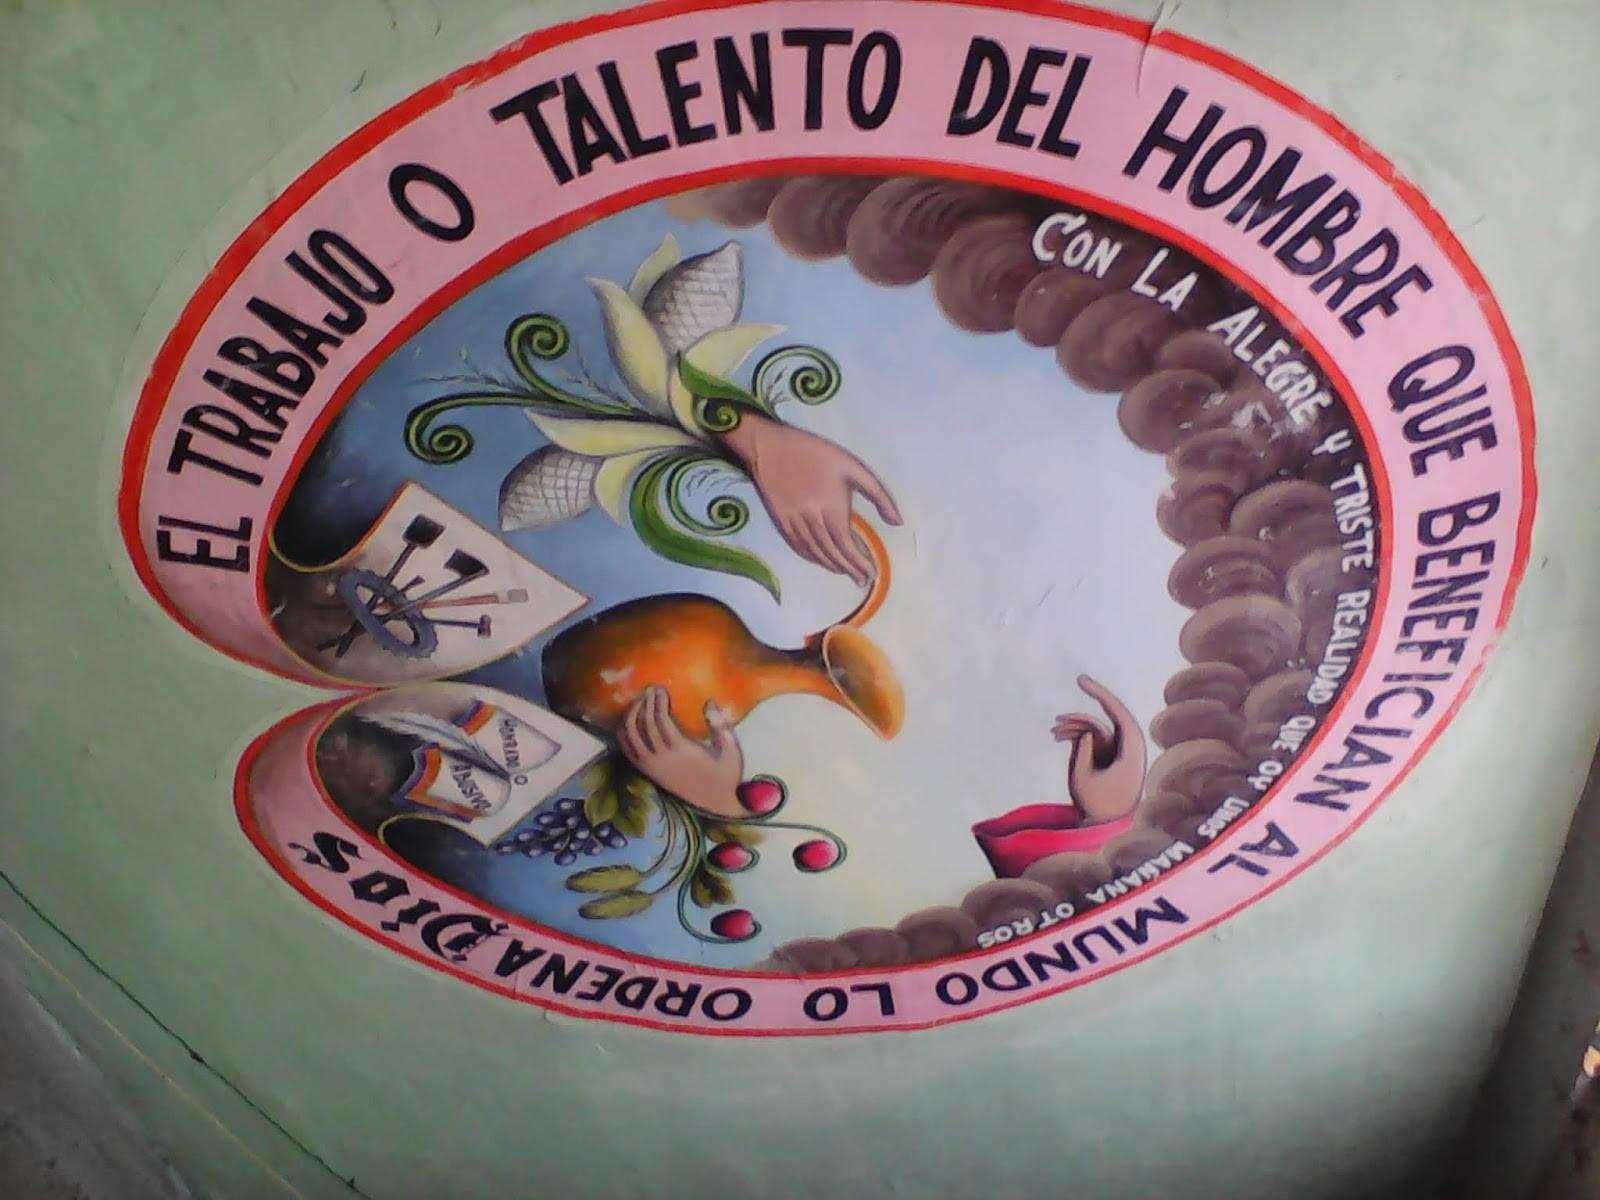 2018 07 20 4 Metepec Museo del Pueblo %